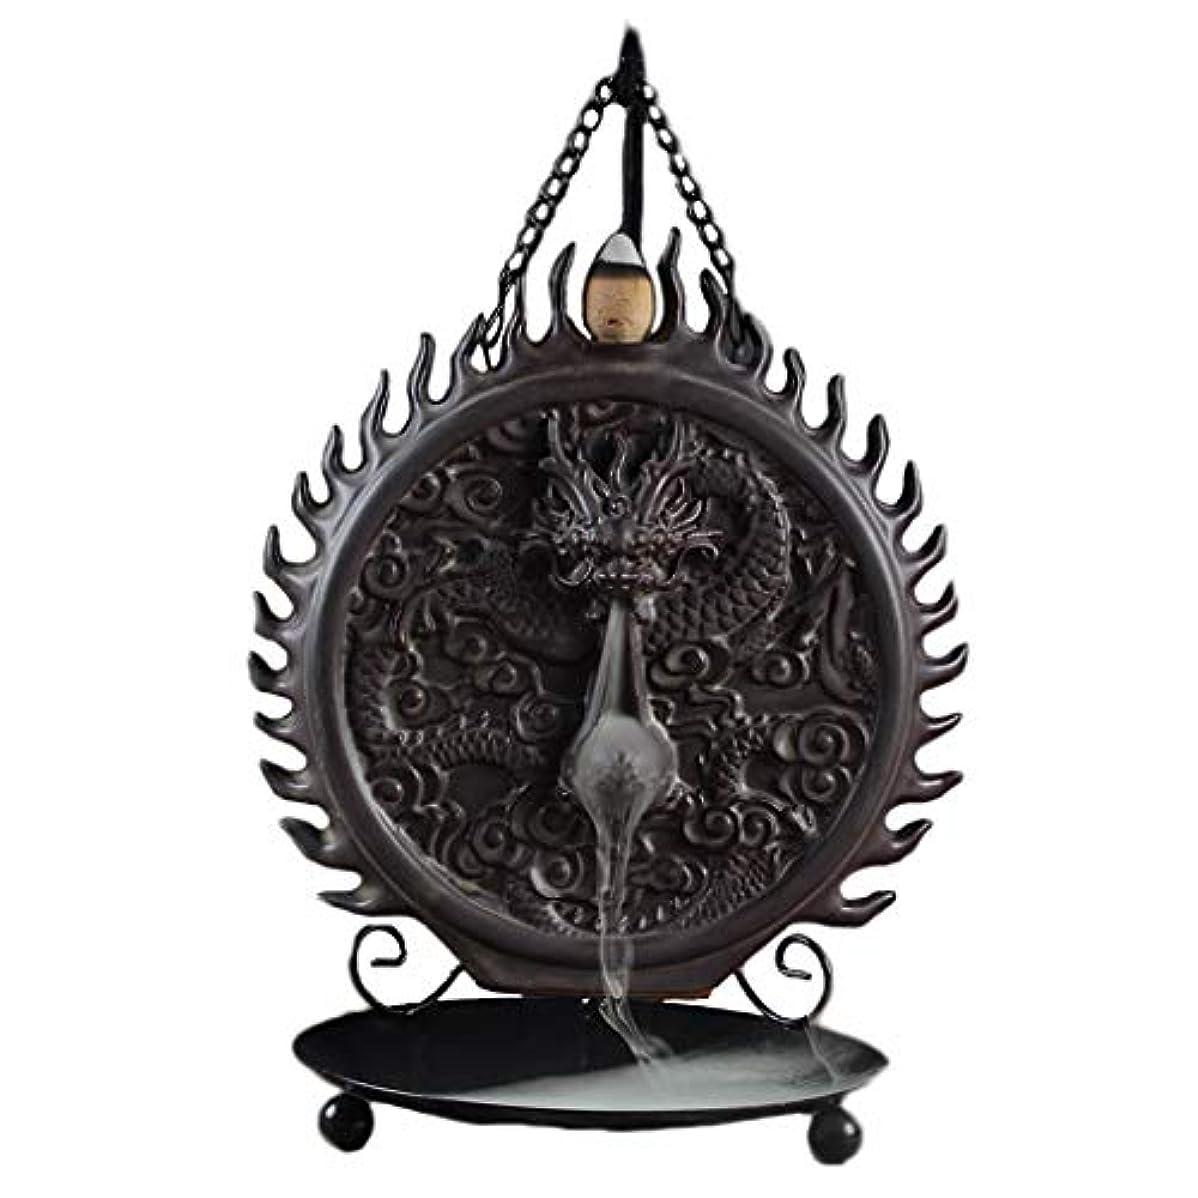 つぶす砲兵アジア人セラミックハンギング香炉バックフロードラゴンディスクホーム炉装飾香ホルダーアロマセラピー香バーナーホルダー (Color : Black, サイズ : 6.29*9.44inches)